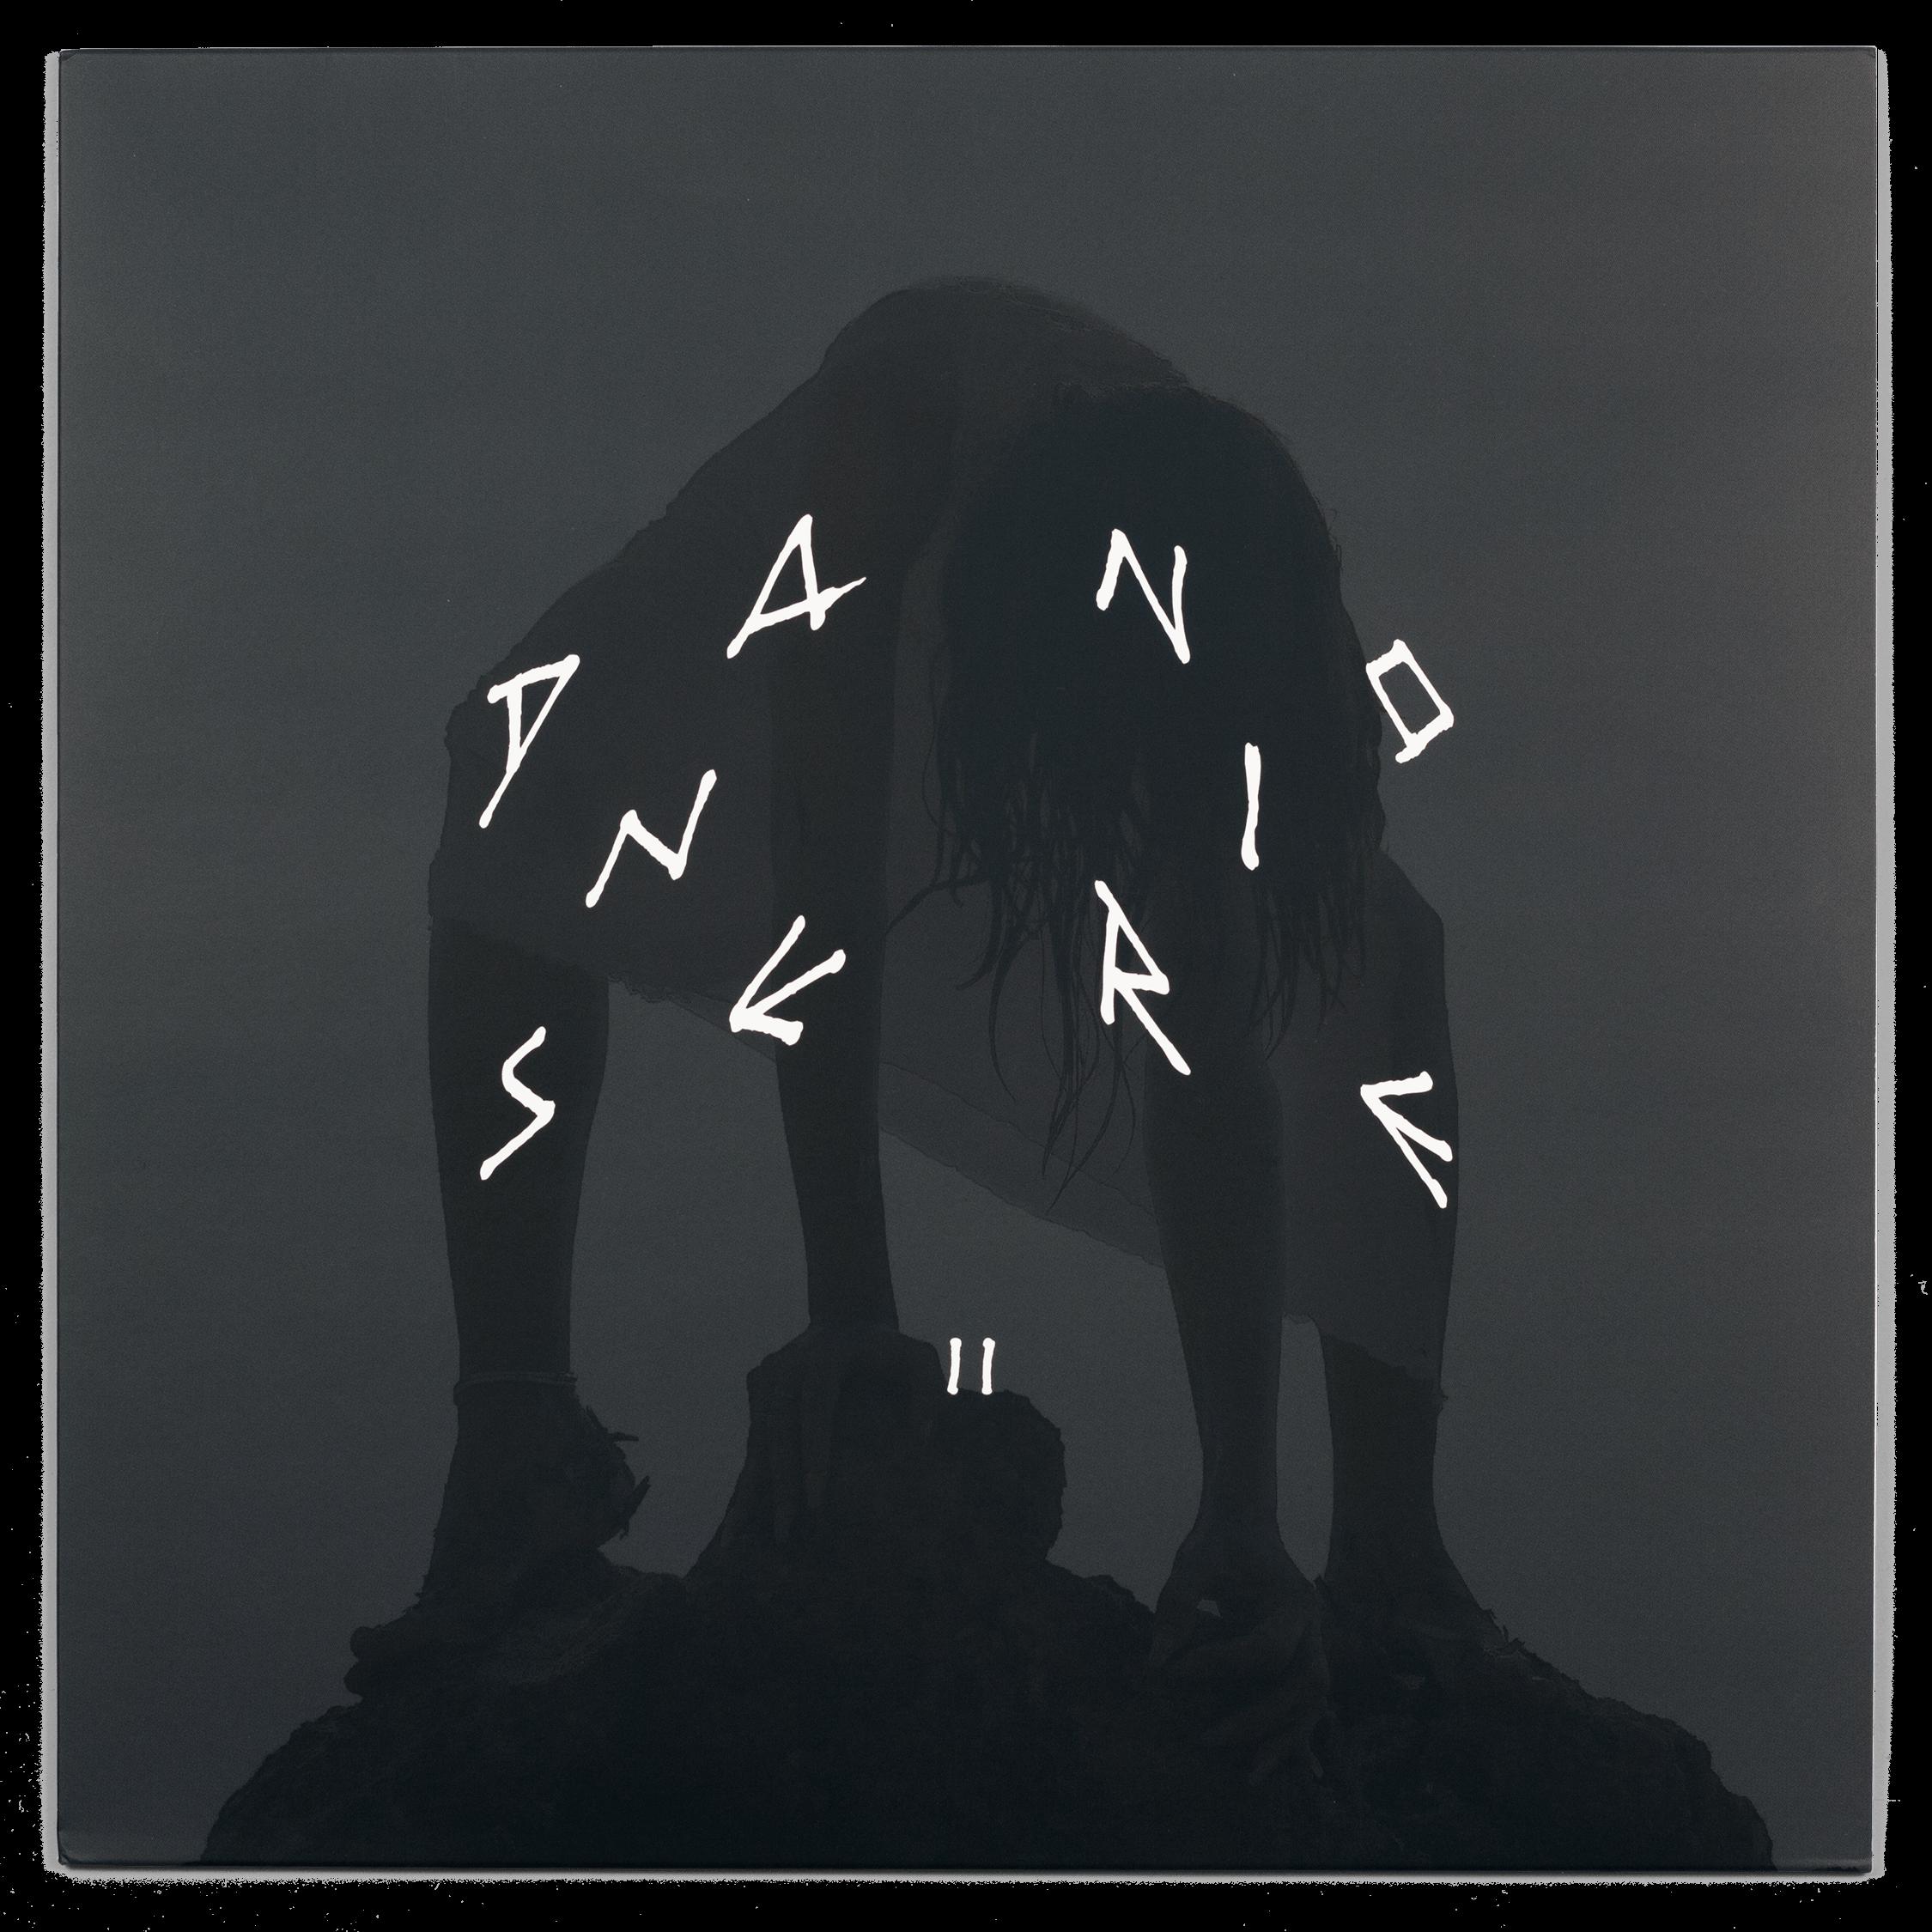 Danse Noire 011, Abyss X, Pleasures of the Bull vinyl, couverture